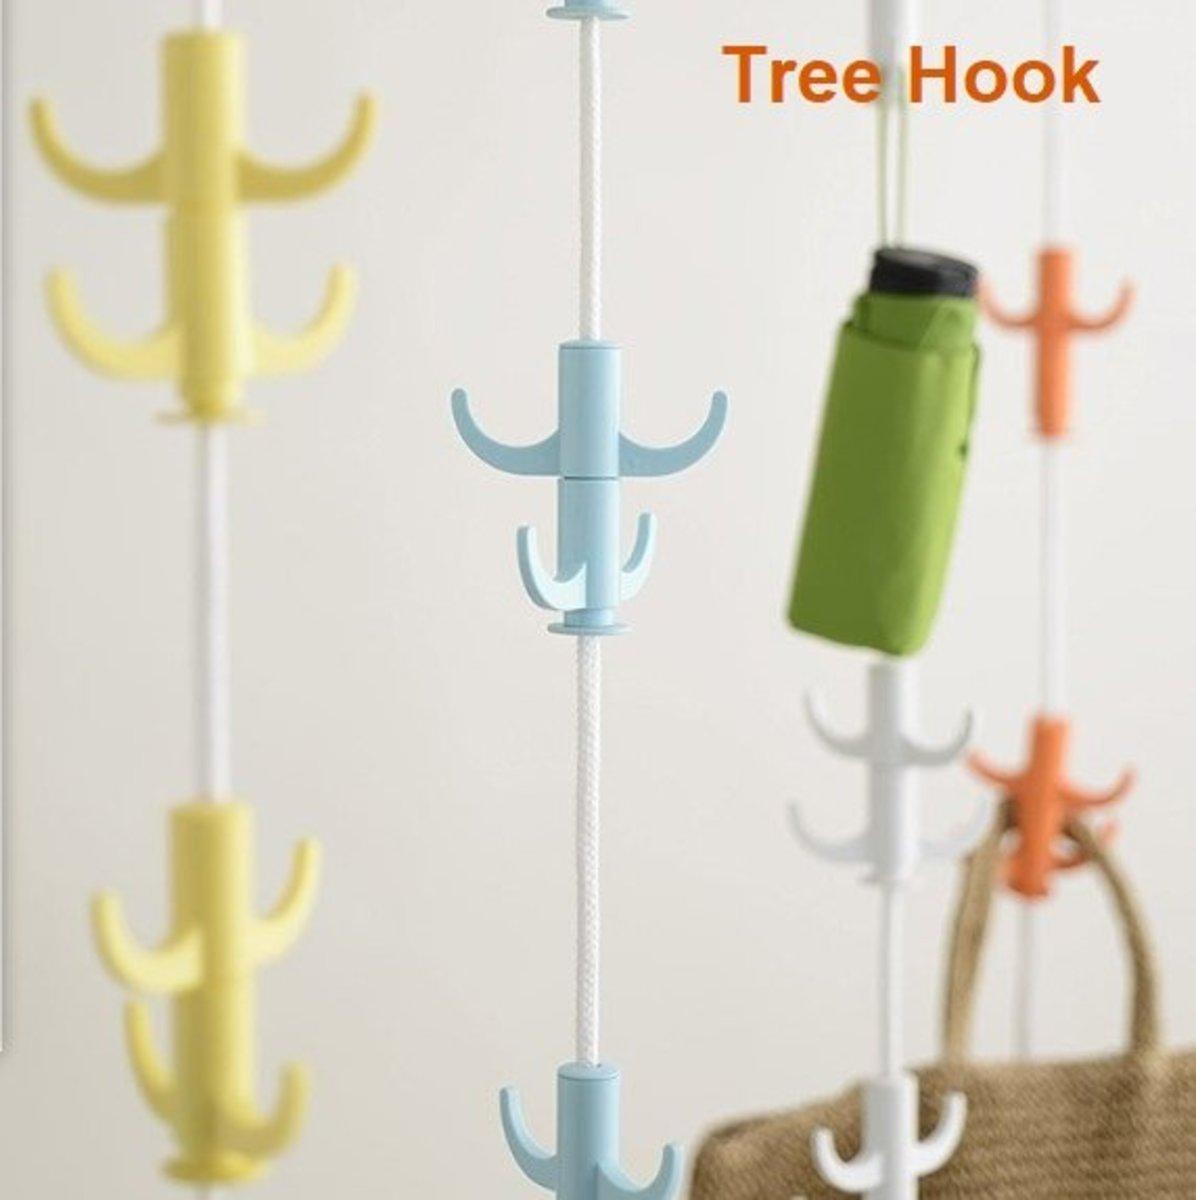 Tree Hook Coat/Bag Hanger